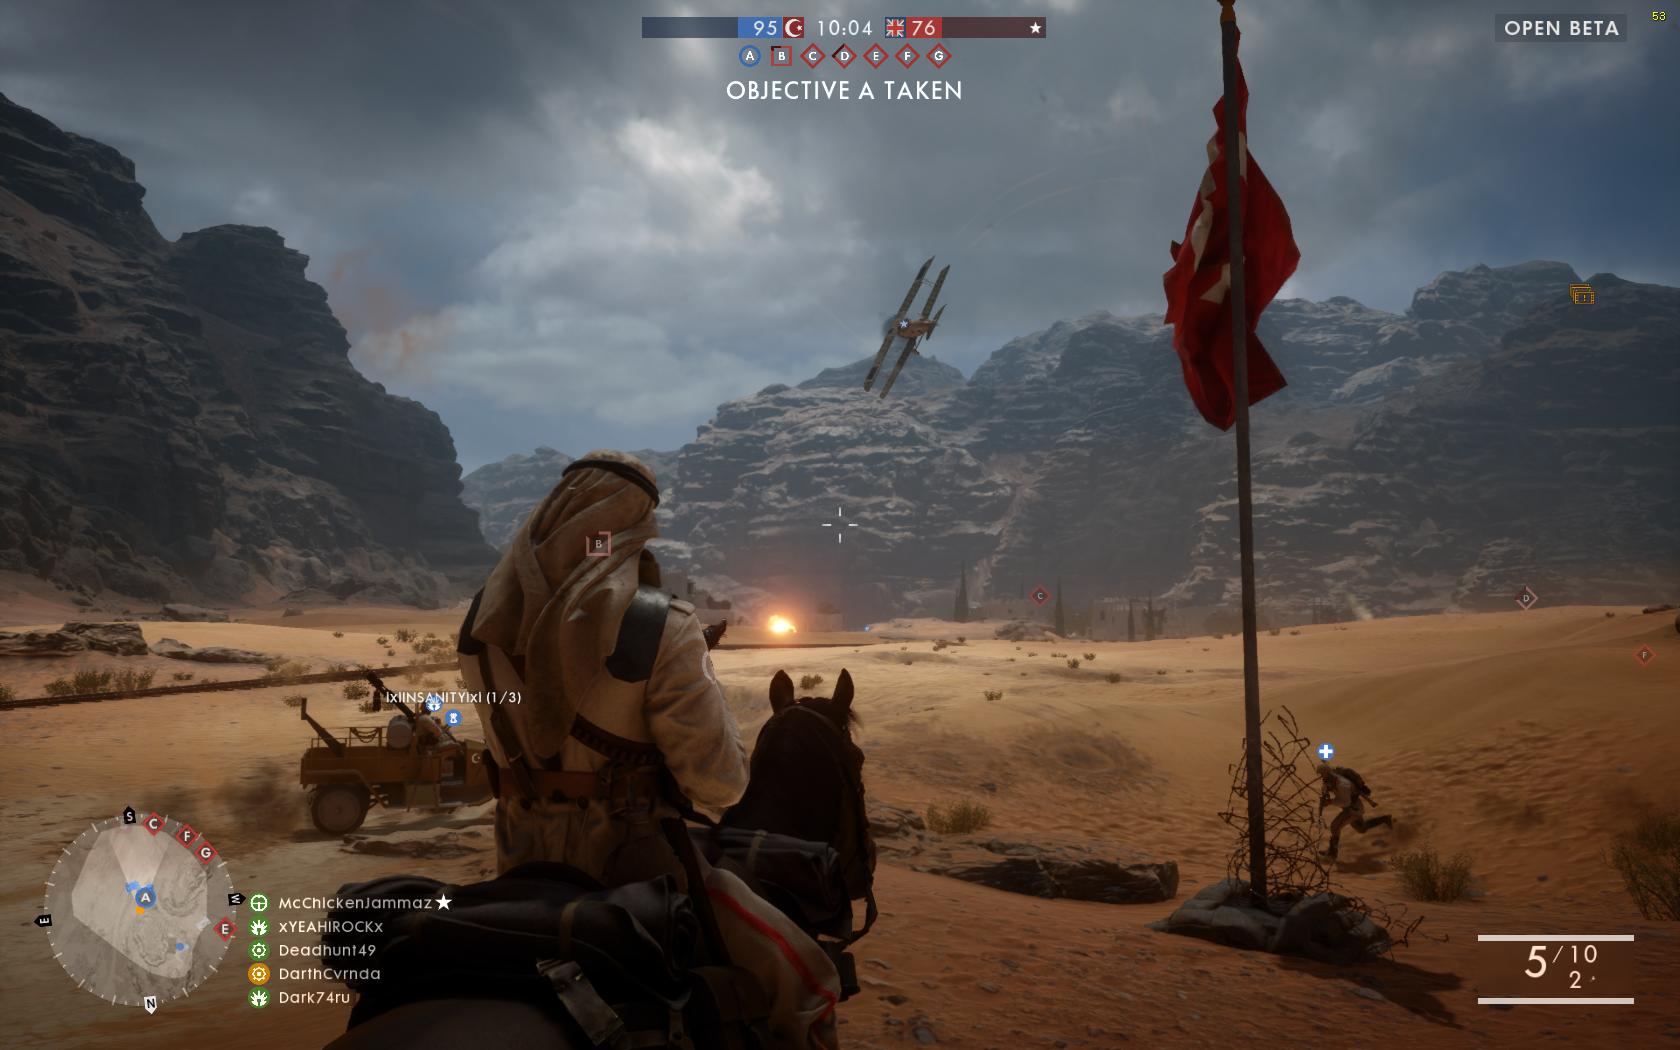 Dojmy z hraní otevřené bety Battlefield 1 129860